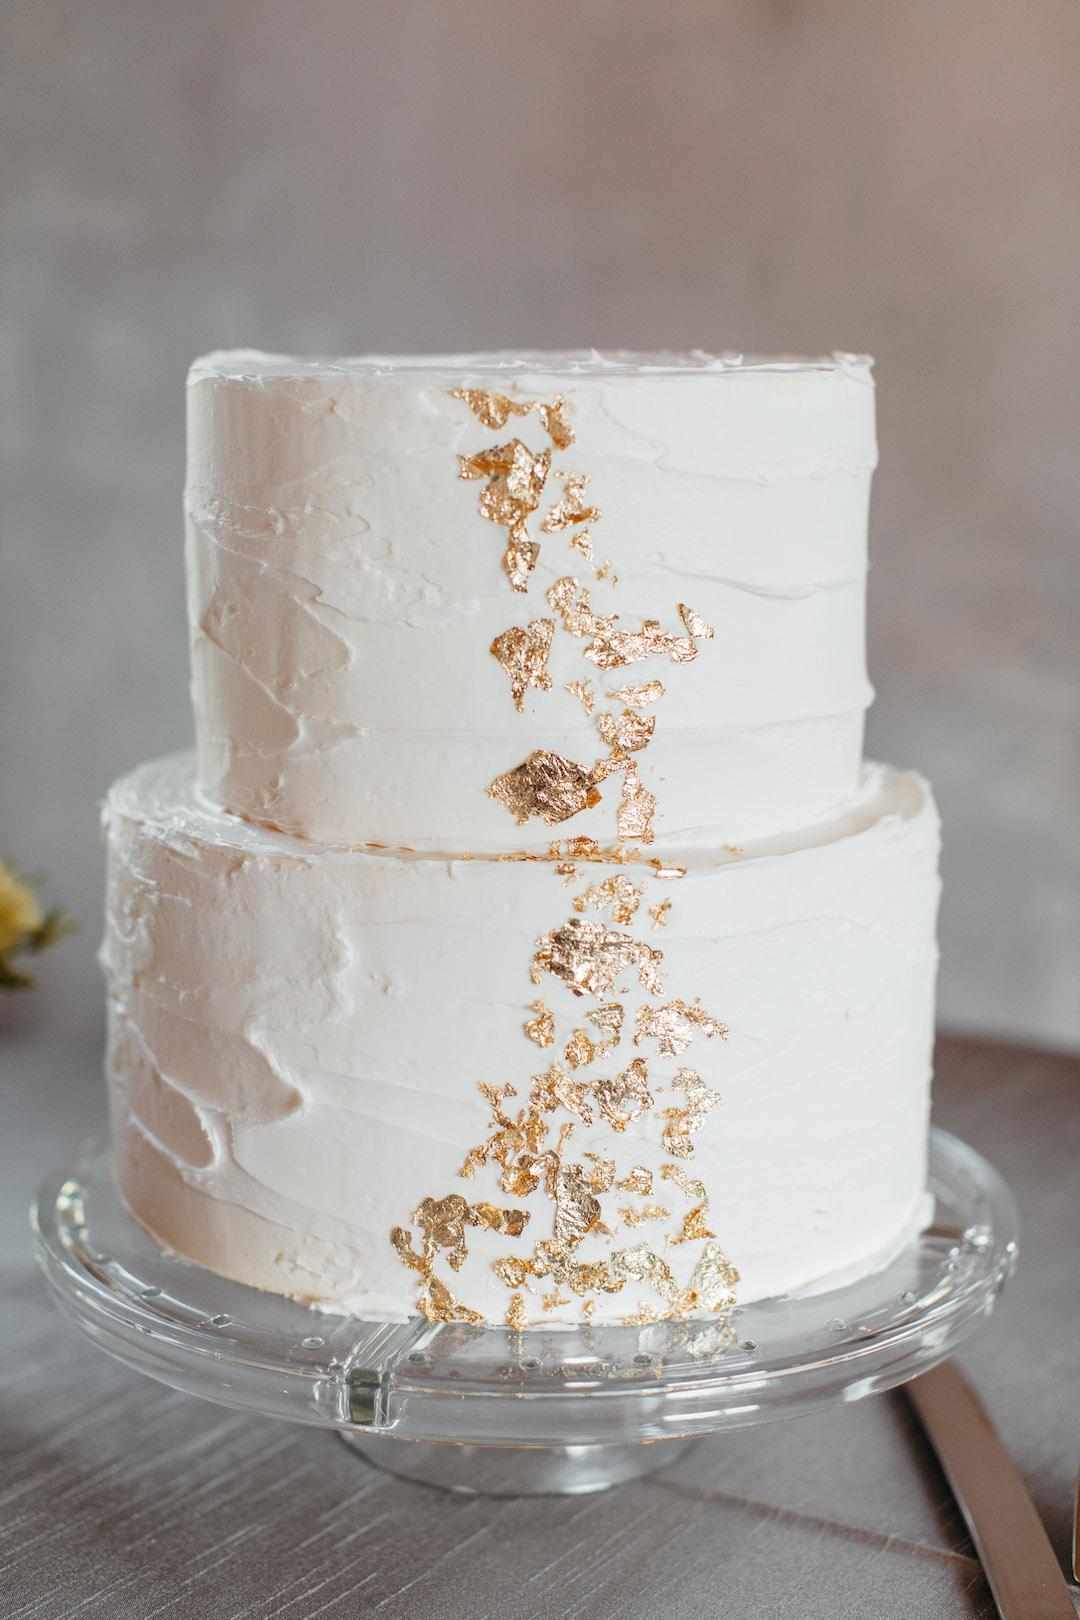 Gold speckled two-tier wedding cake | Nashville Bride Guide